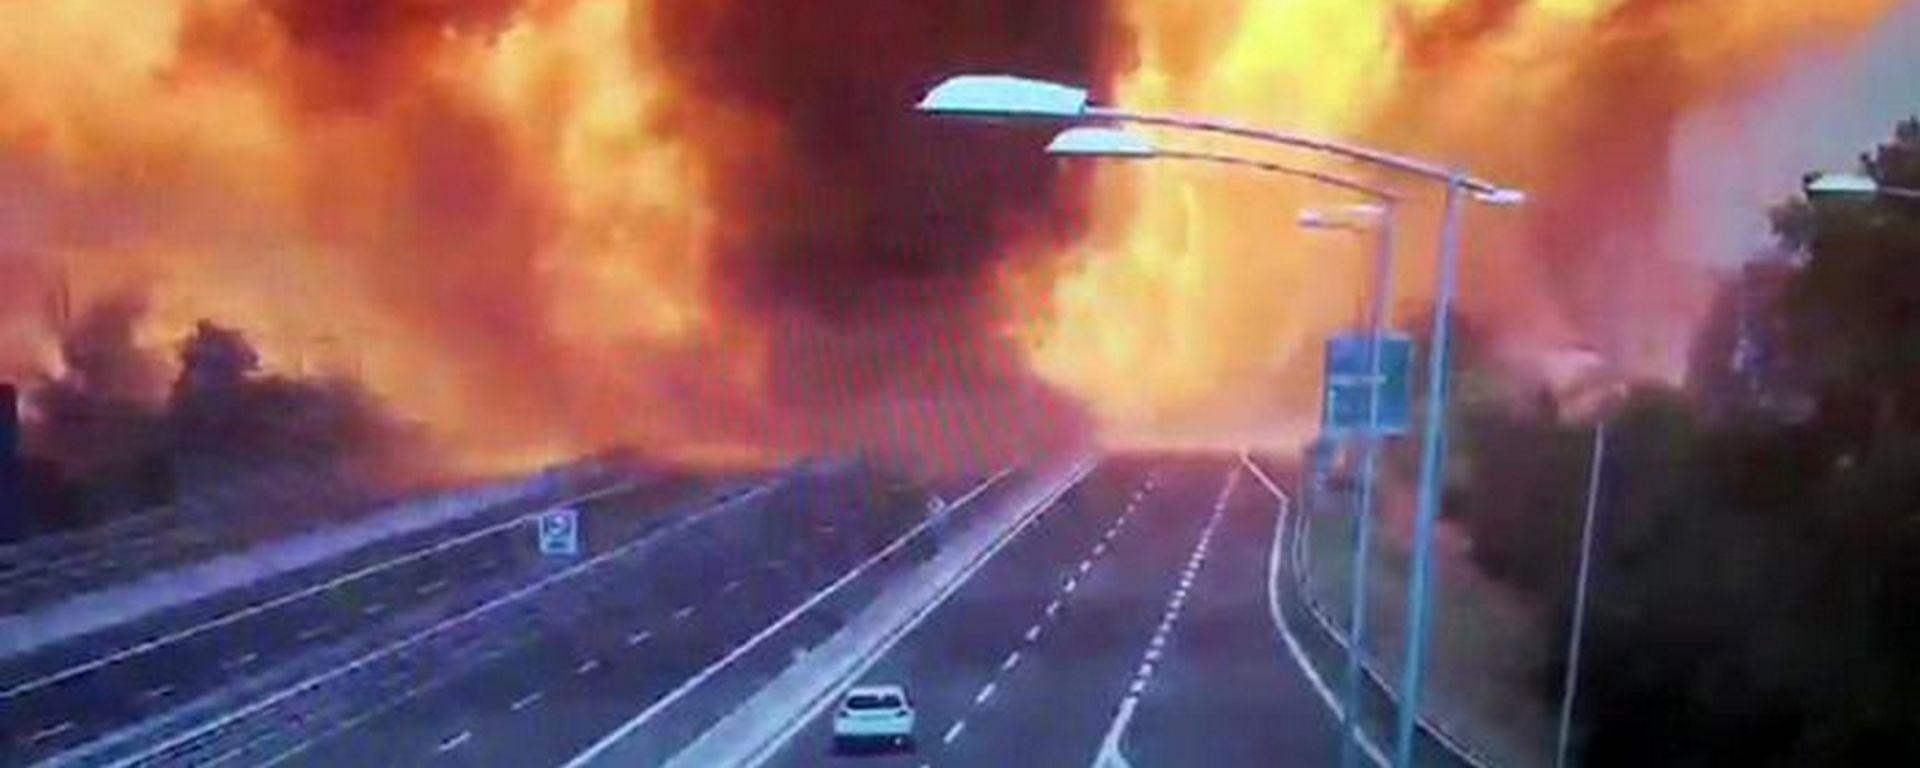 Incidente a Bologna: aggiornamenti sul traffico